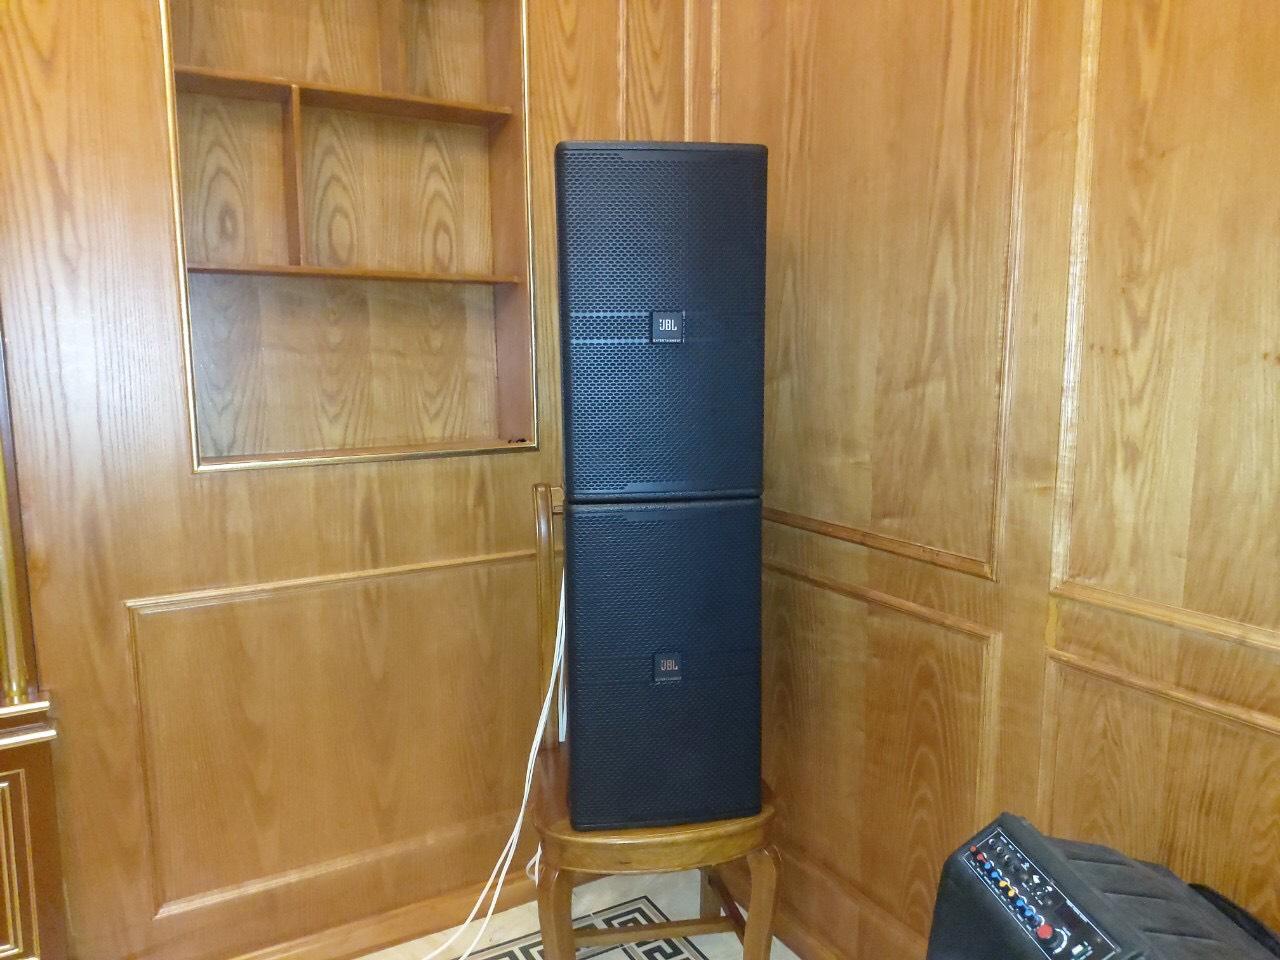 Lắp đặt dàn karaoke JBL cao cấp cho gia đình anh Hưng 3